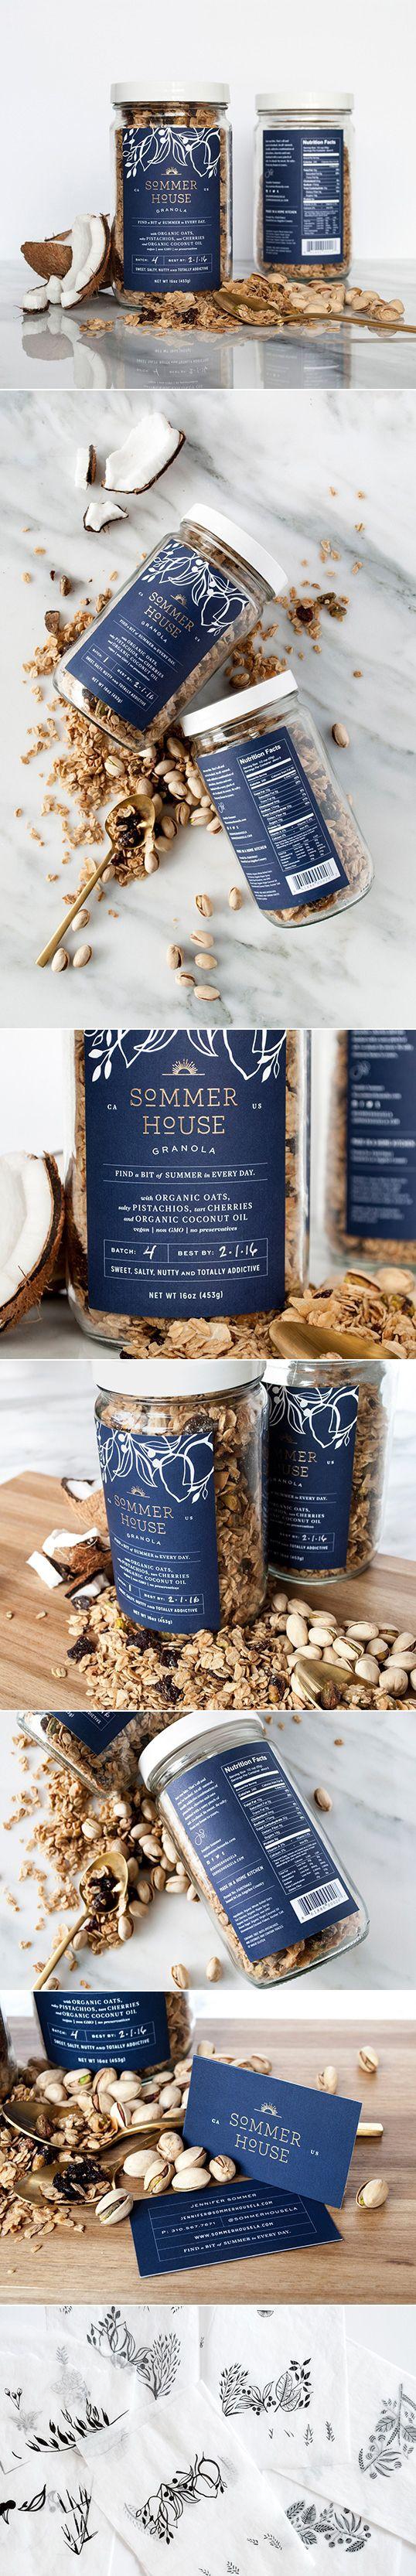 Lovely Package - Sommer House